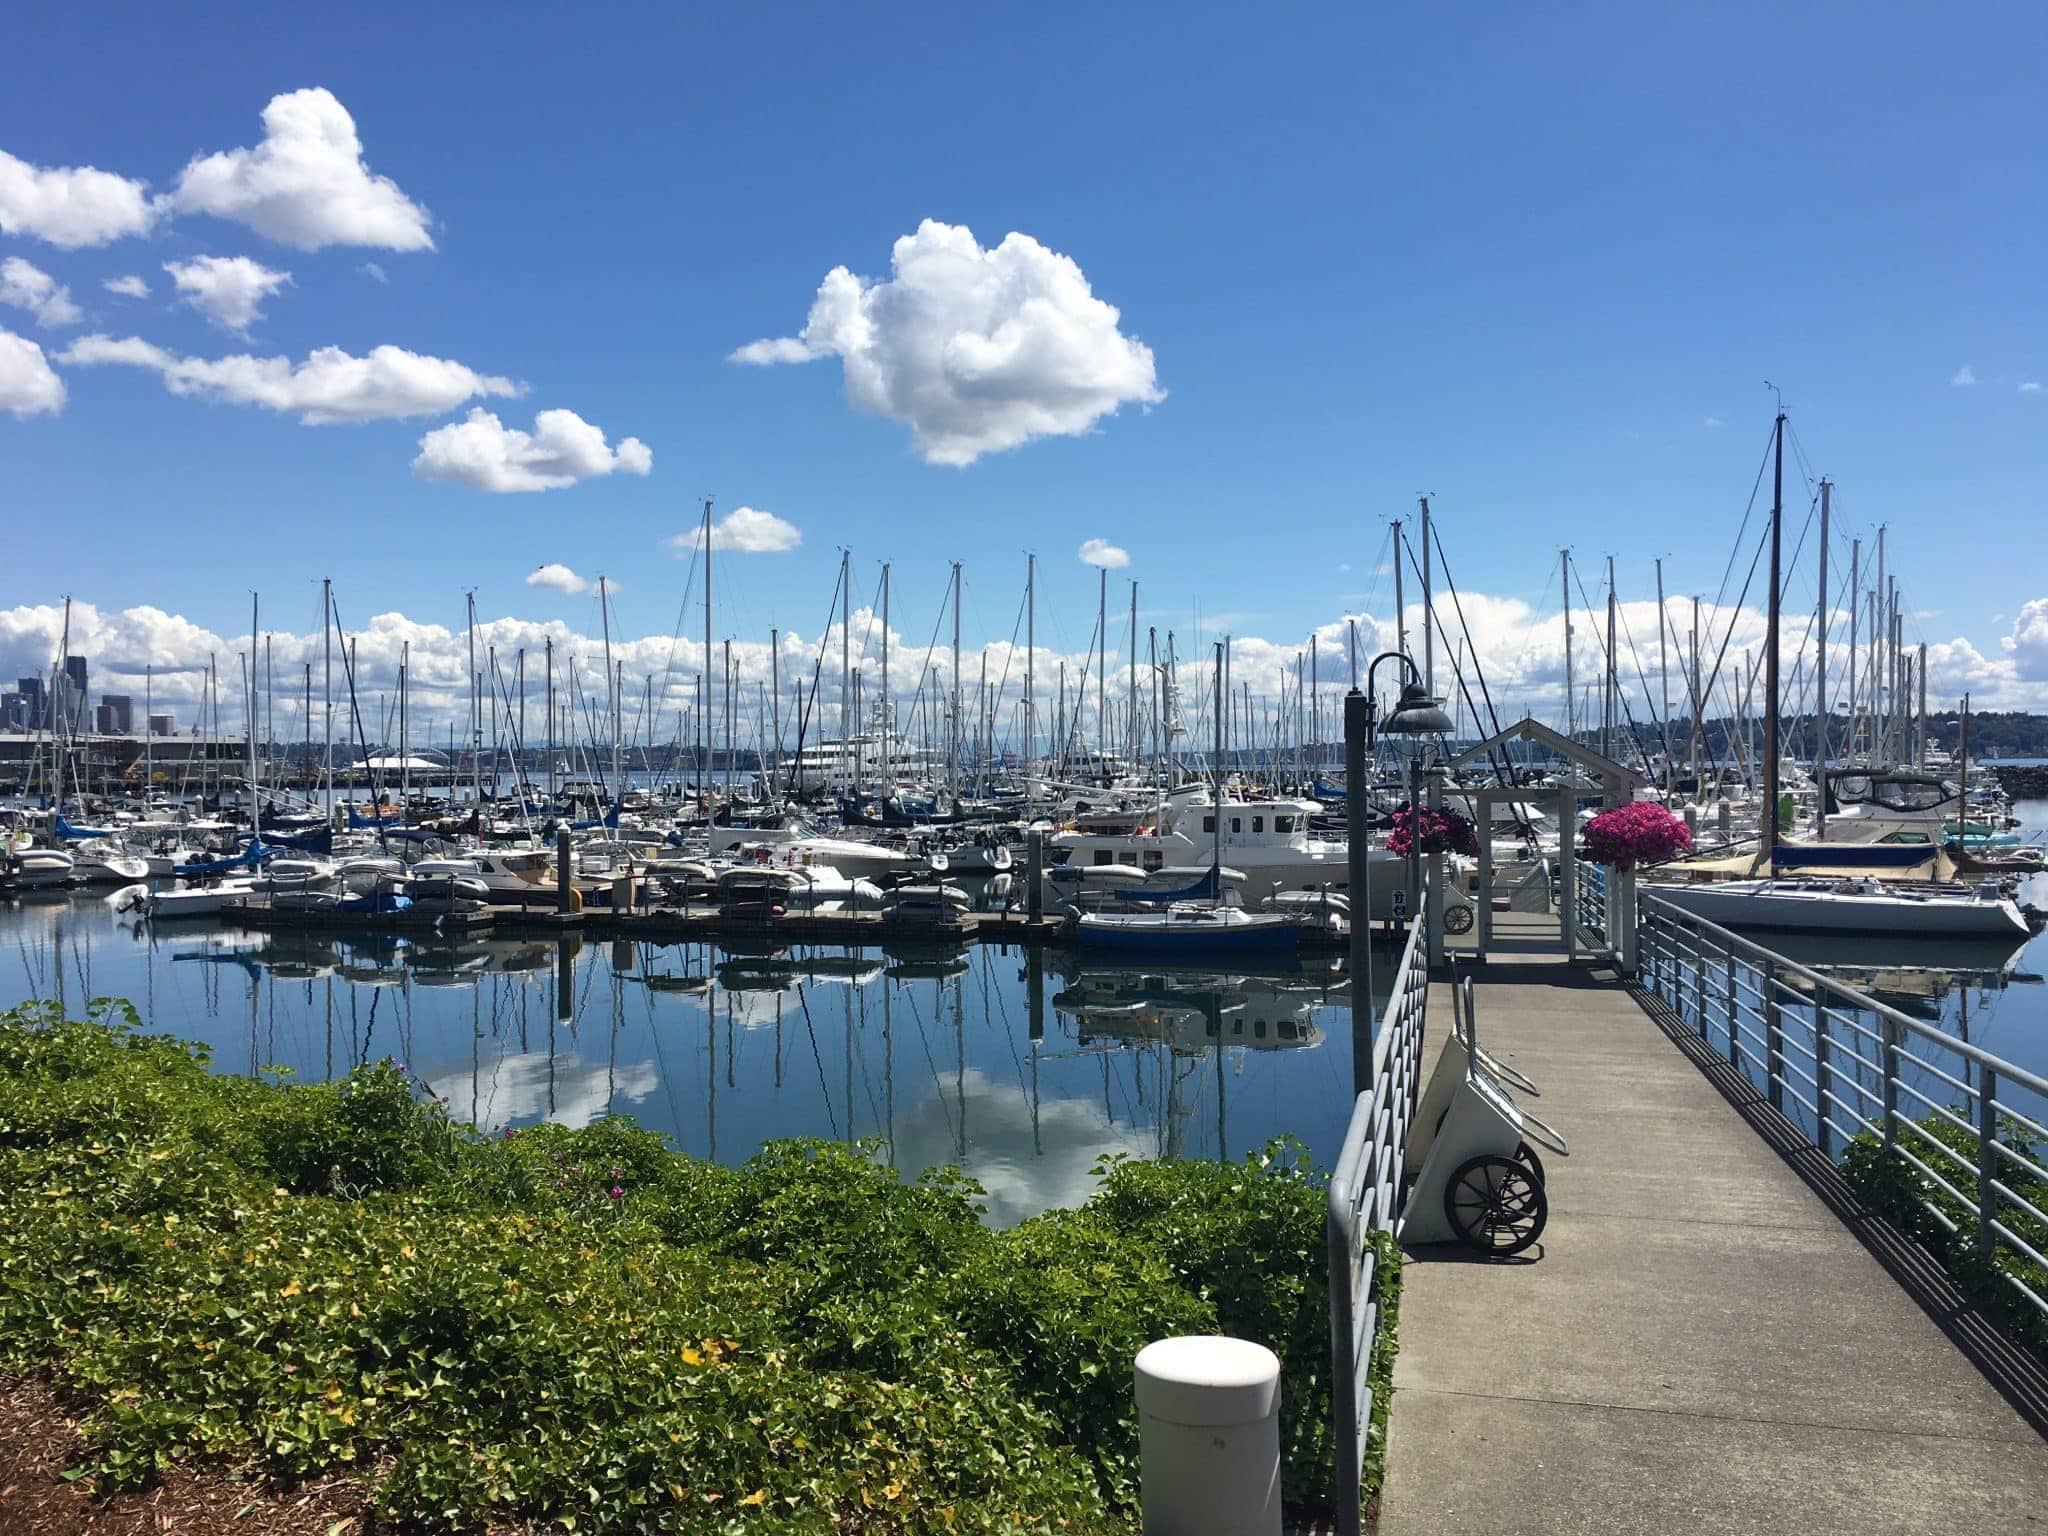 My home marina, Elliott Bay